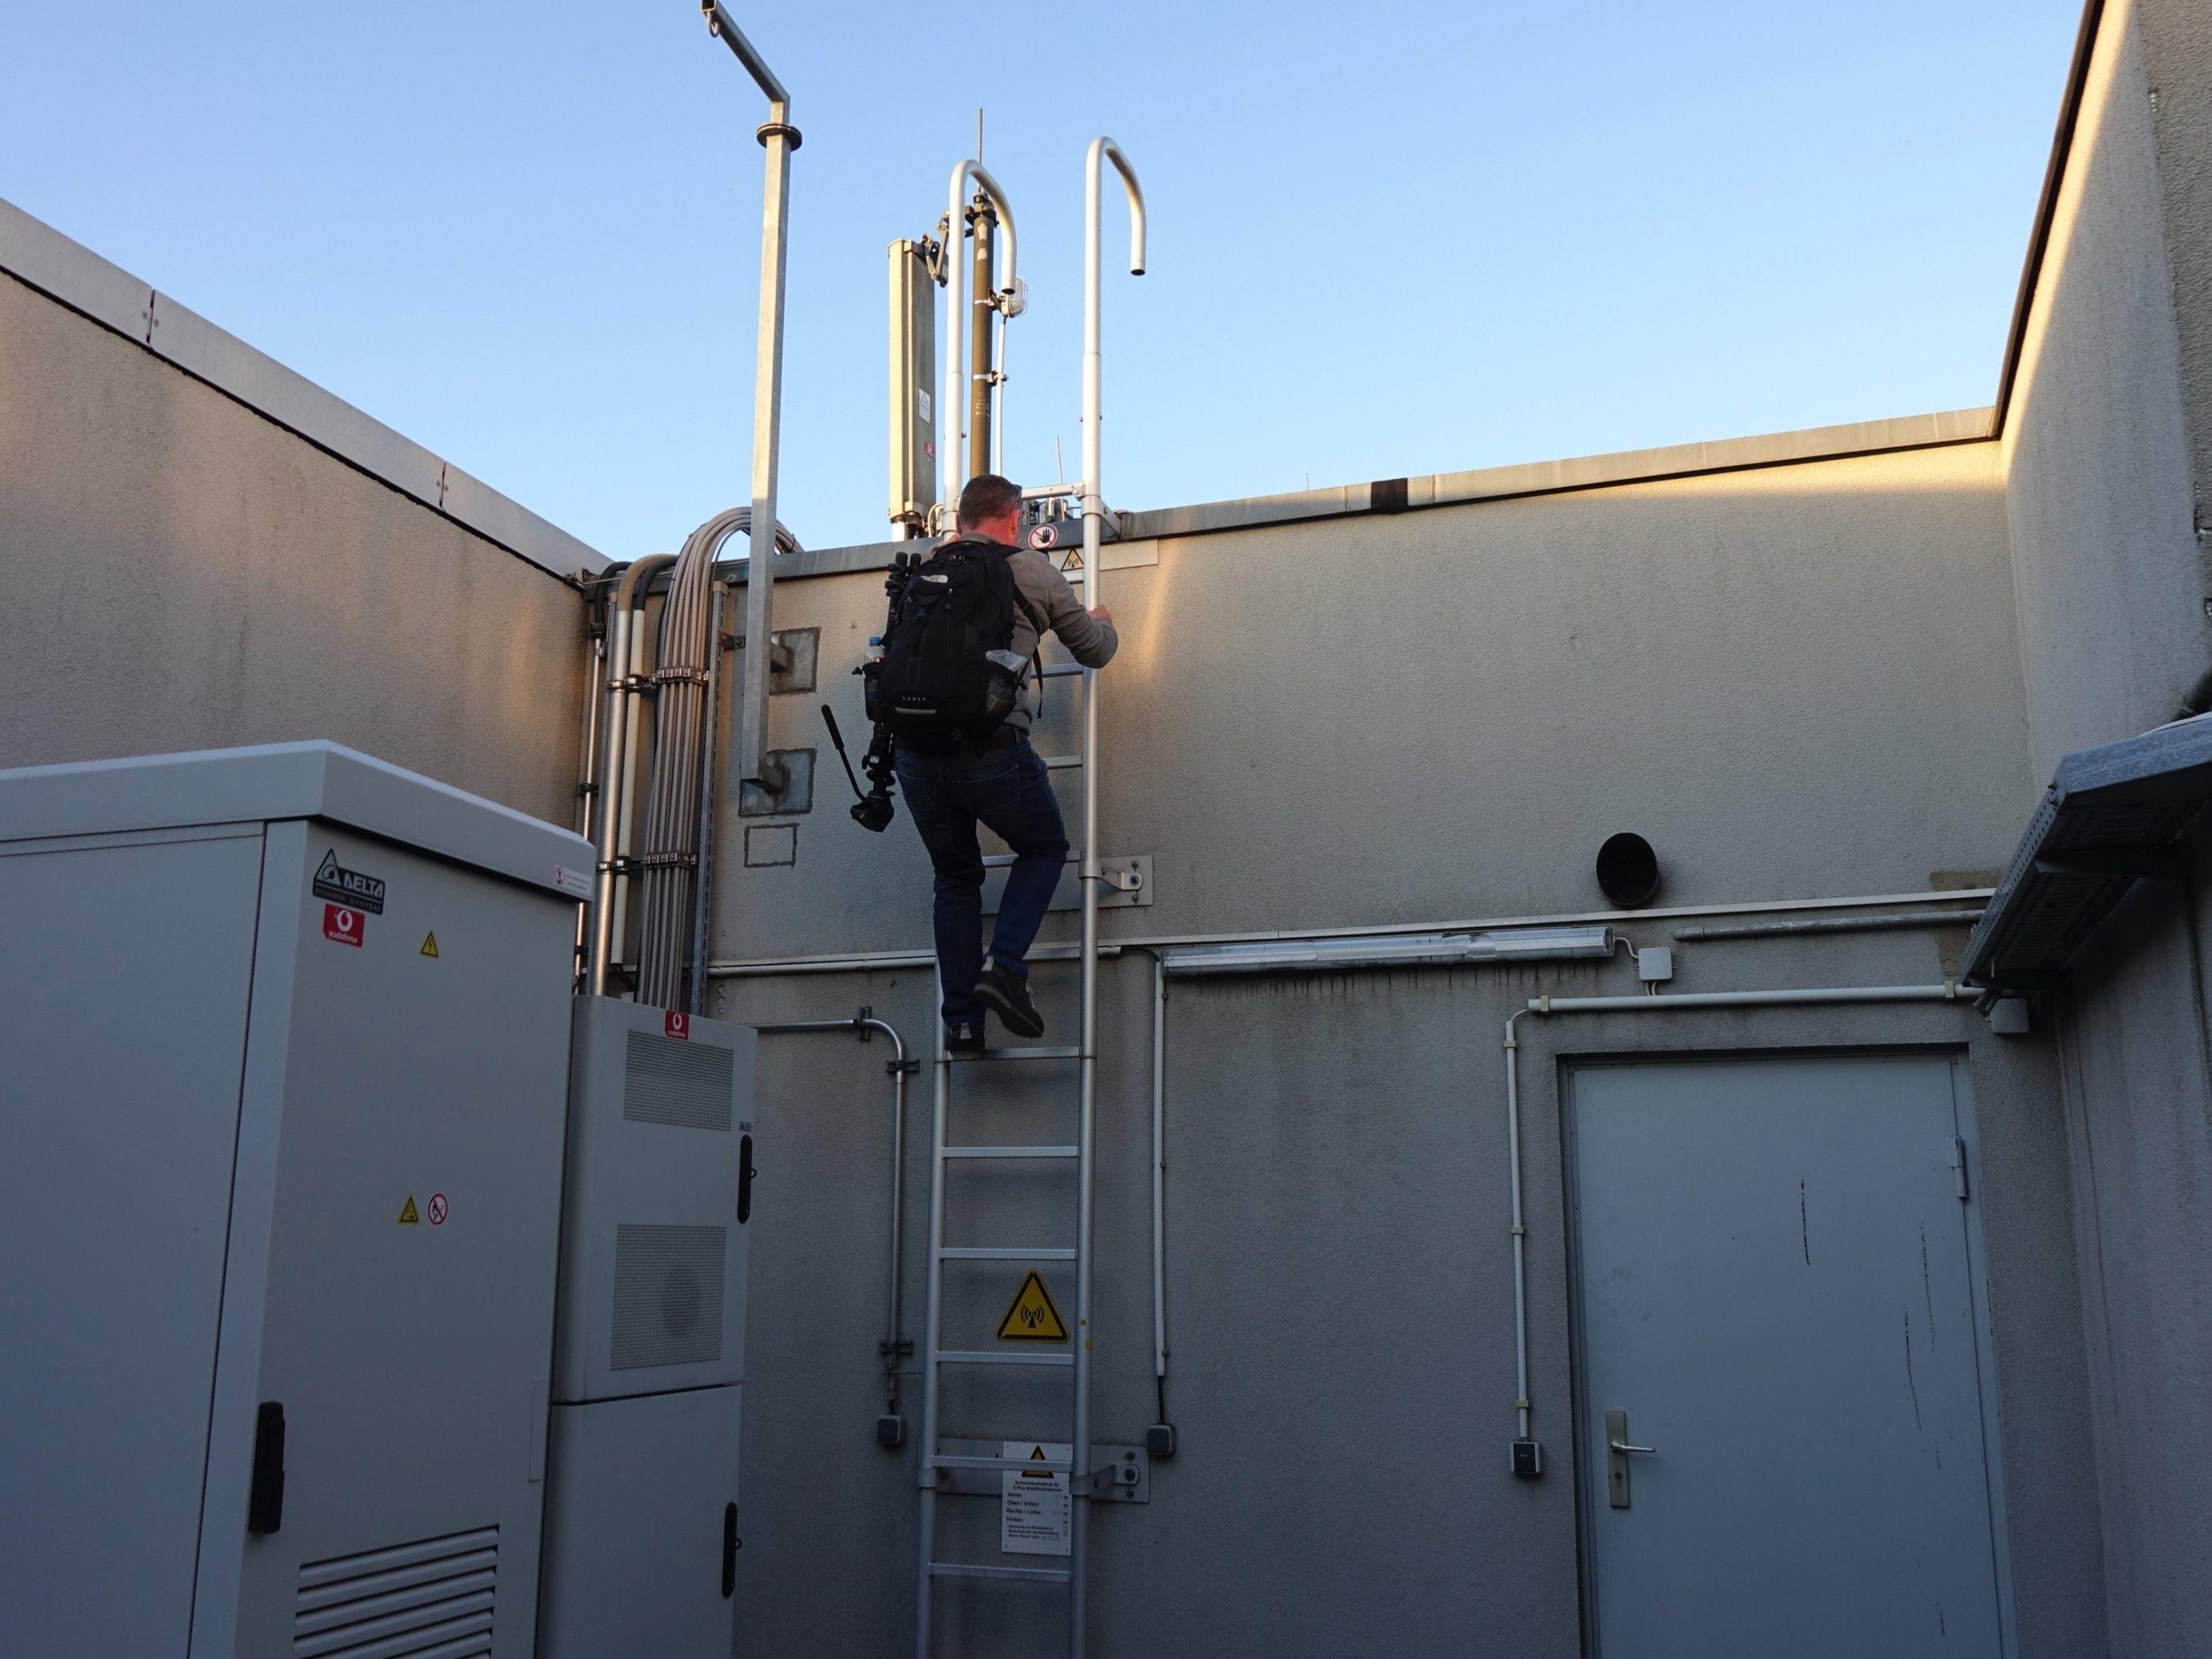 Mann klettert Leiter hinauf.